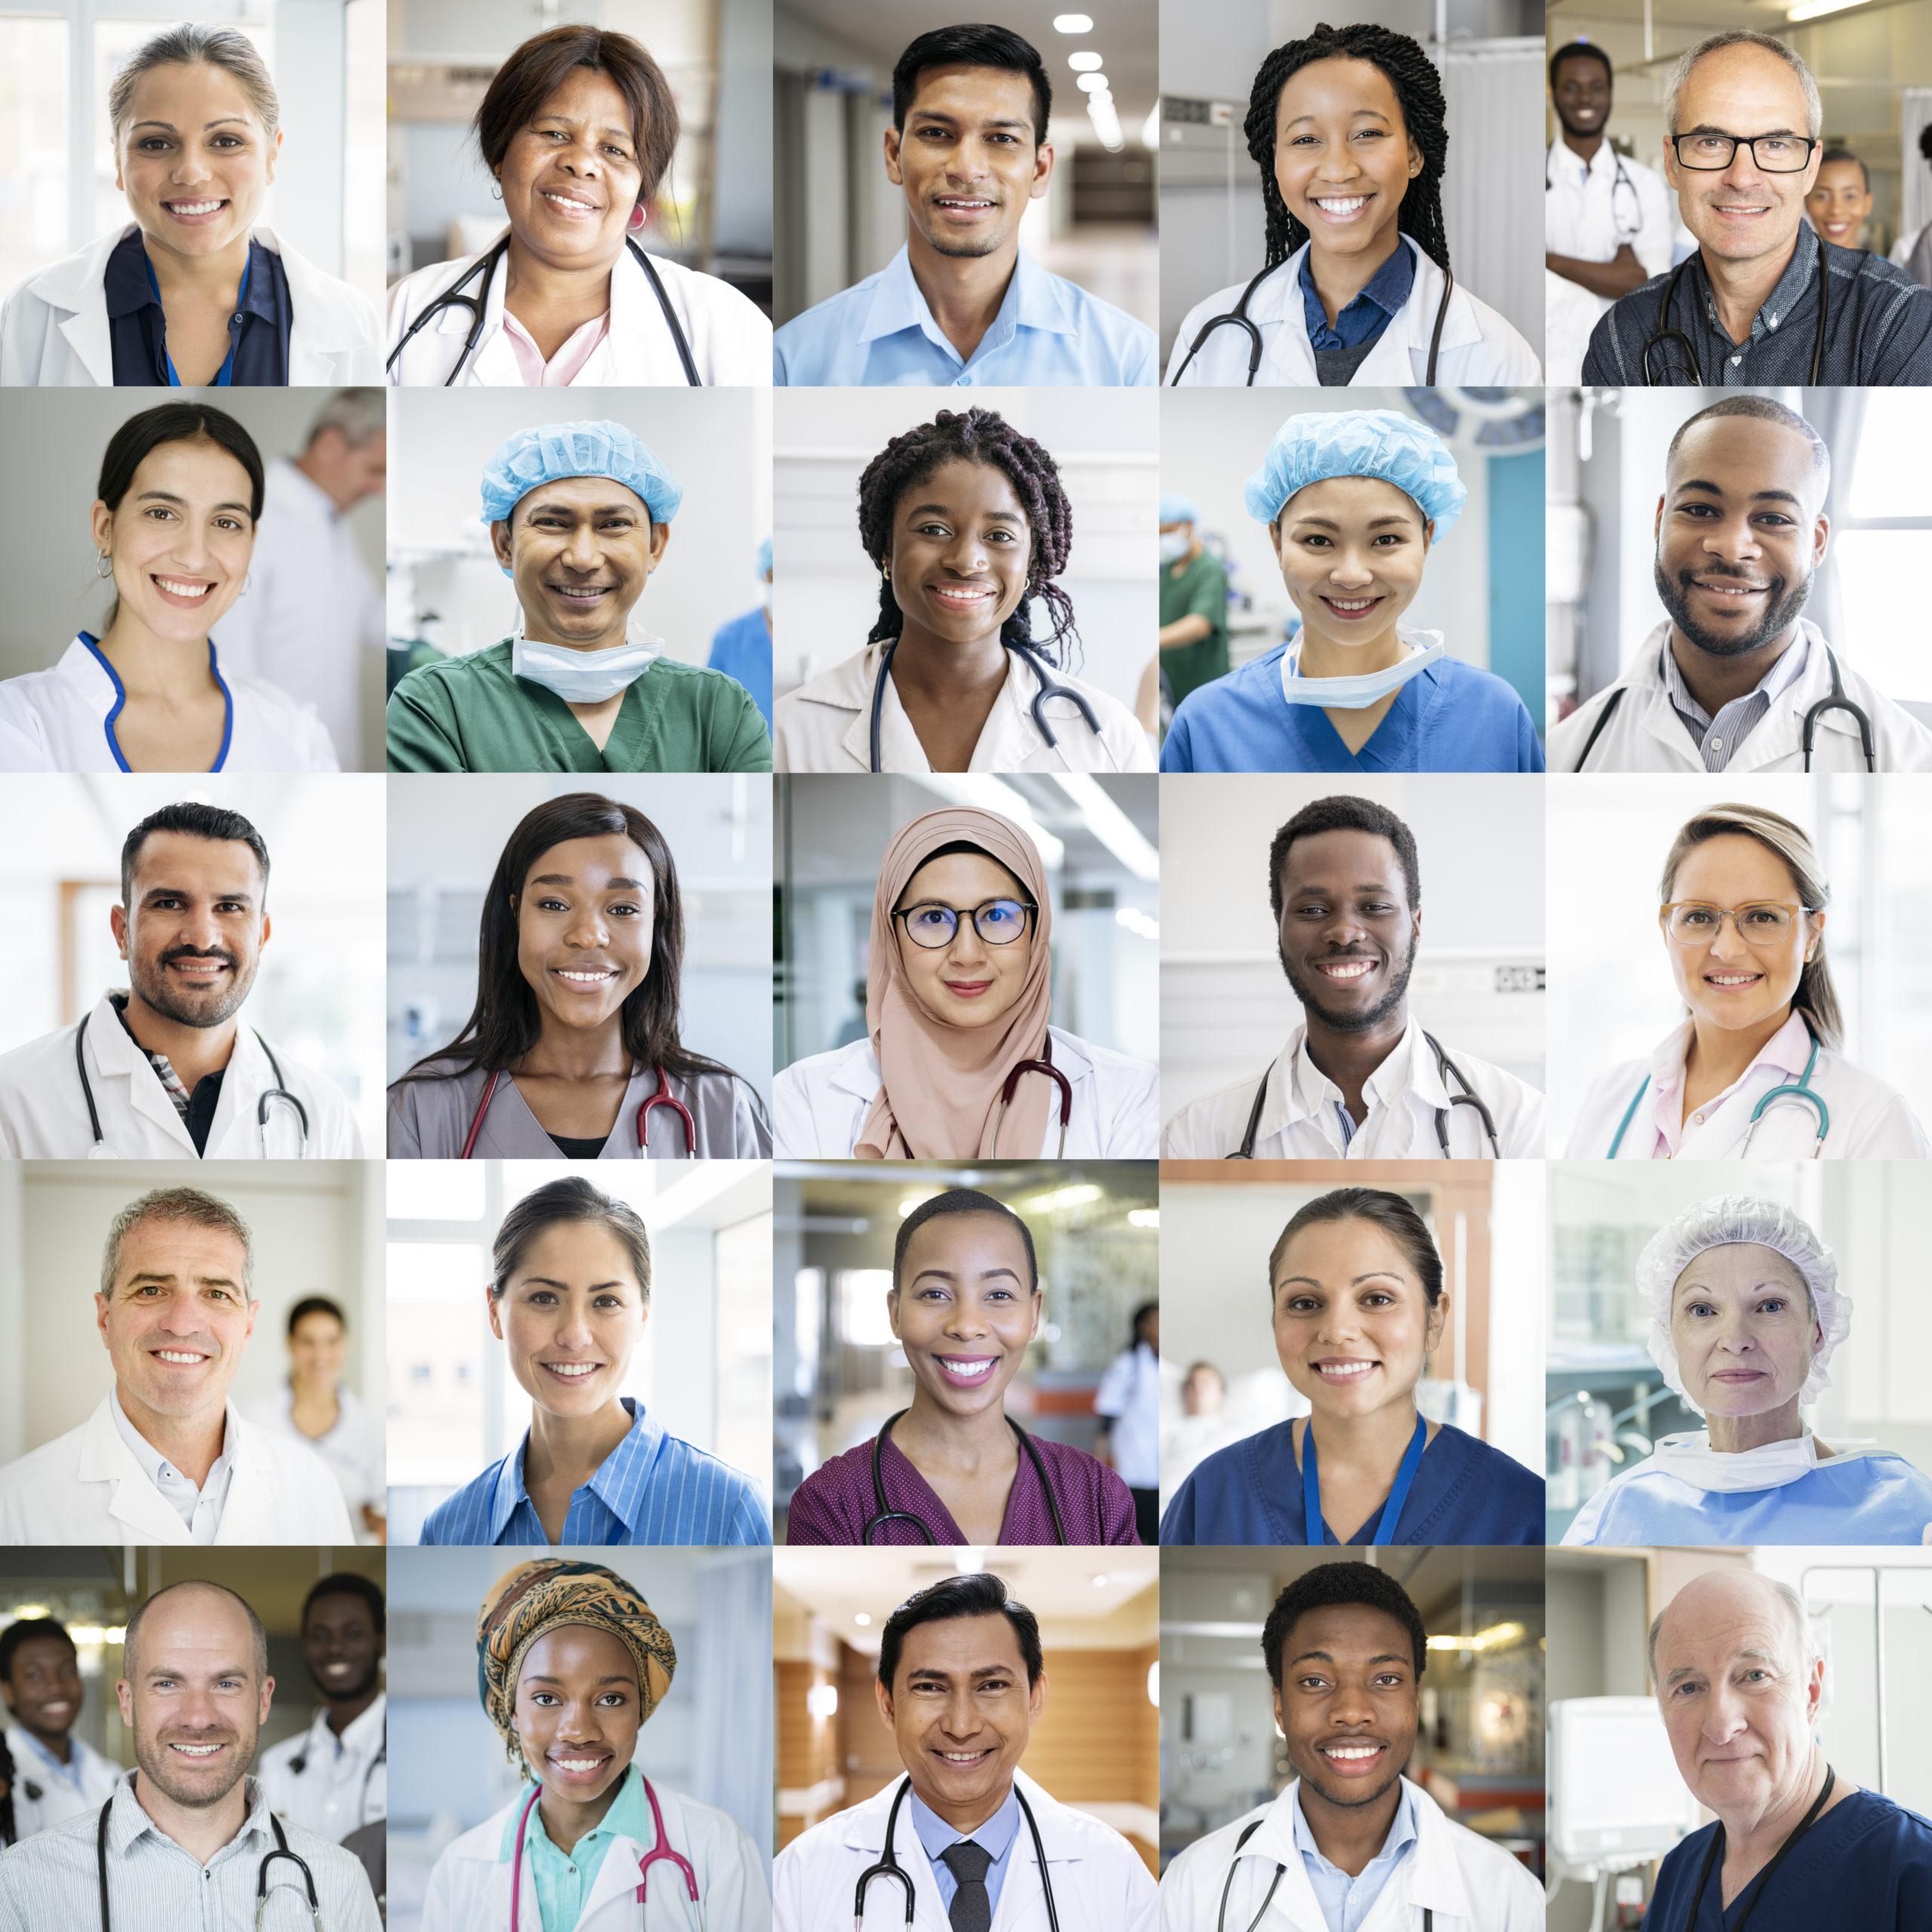 Kollage mit vielen Medizinern verschiedener Nationalitäten